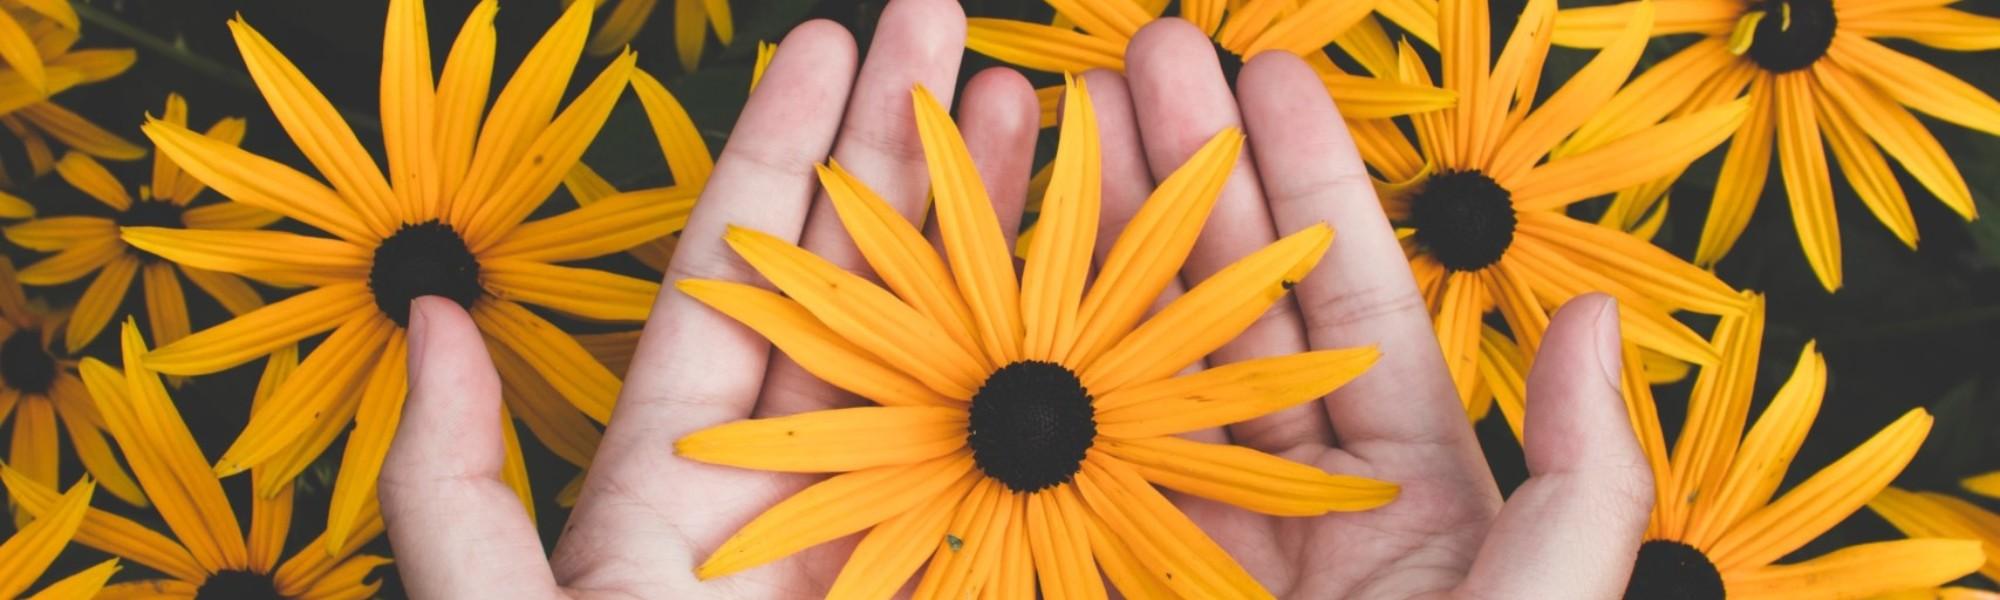 Heltainen kukka kädessä